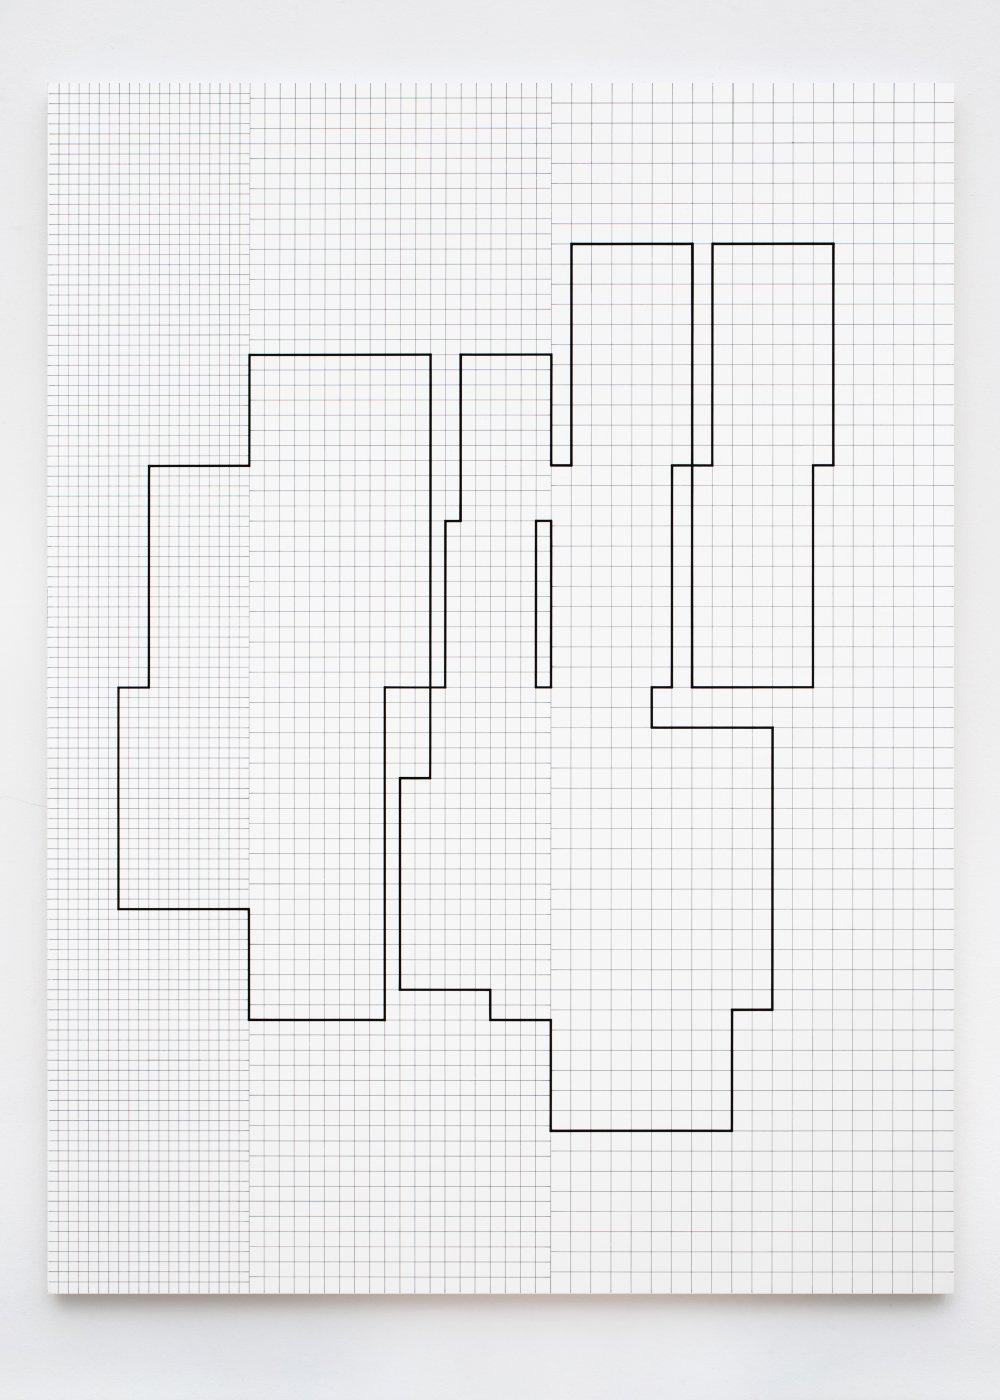 Koordination p13-7-1975